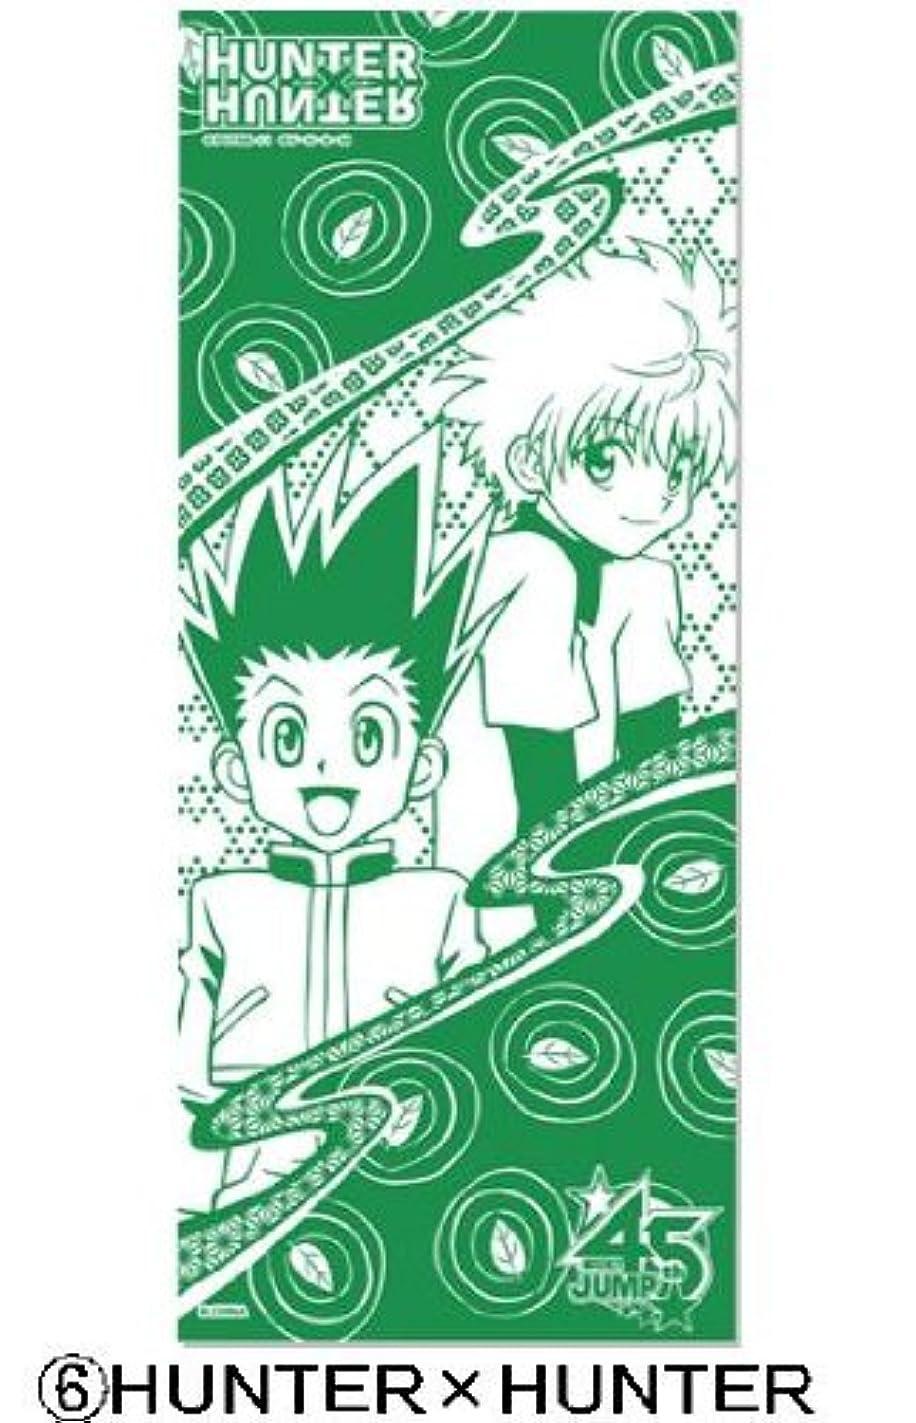 慎重メカニックフクロウ週刊少年ジャンプ45周年記念J-STARS ミニ手ぬぐい付き入浴剤(ハンター×ハンター)